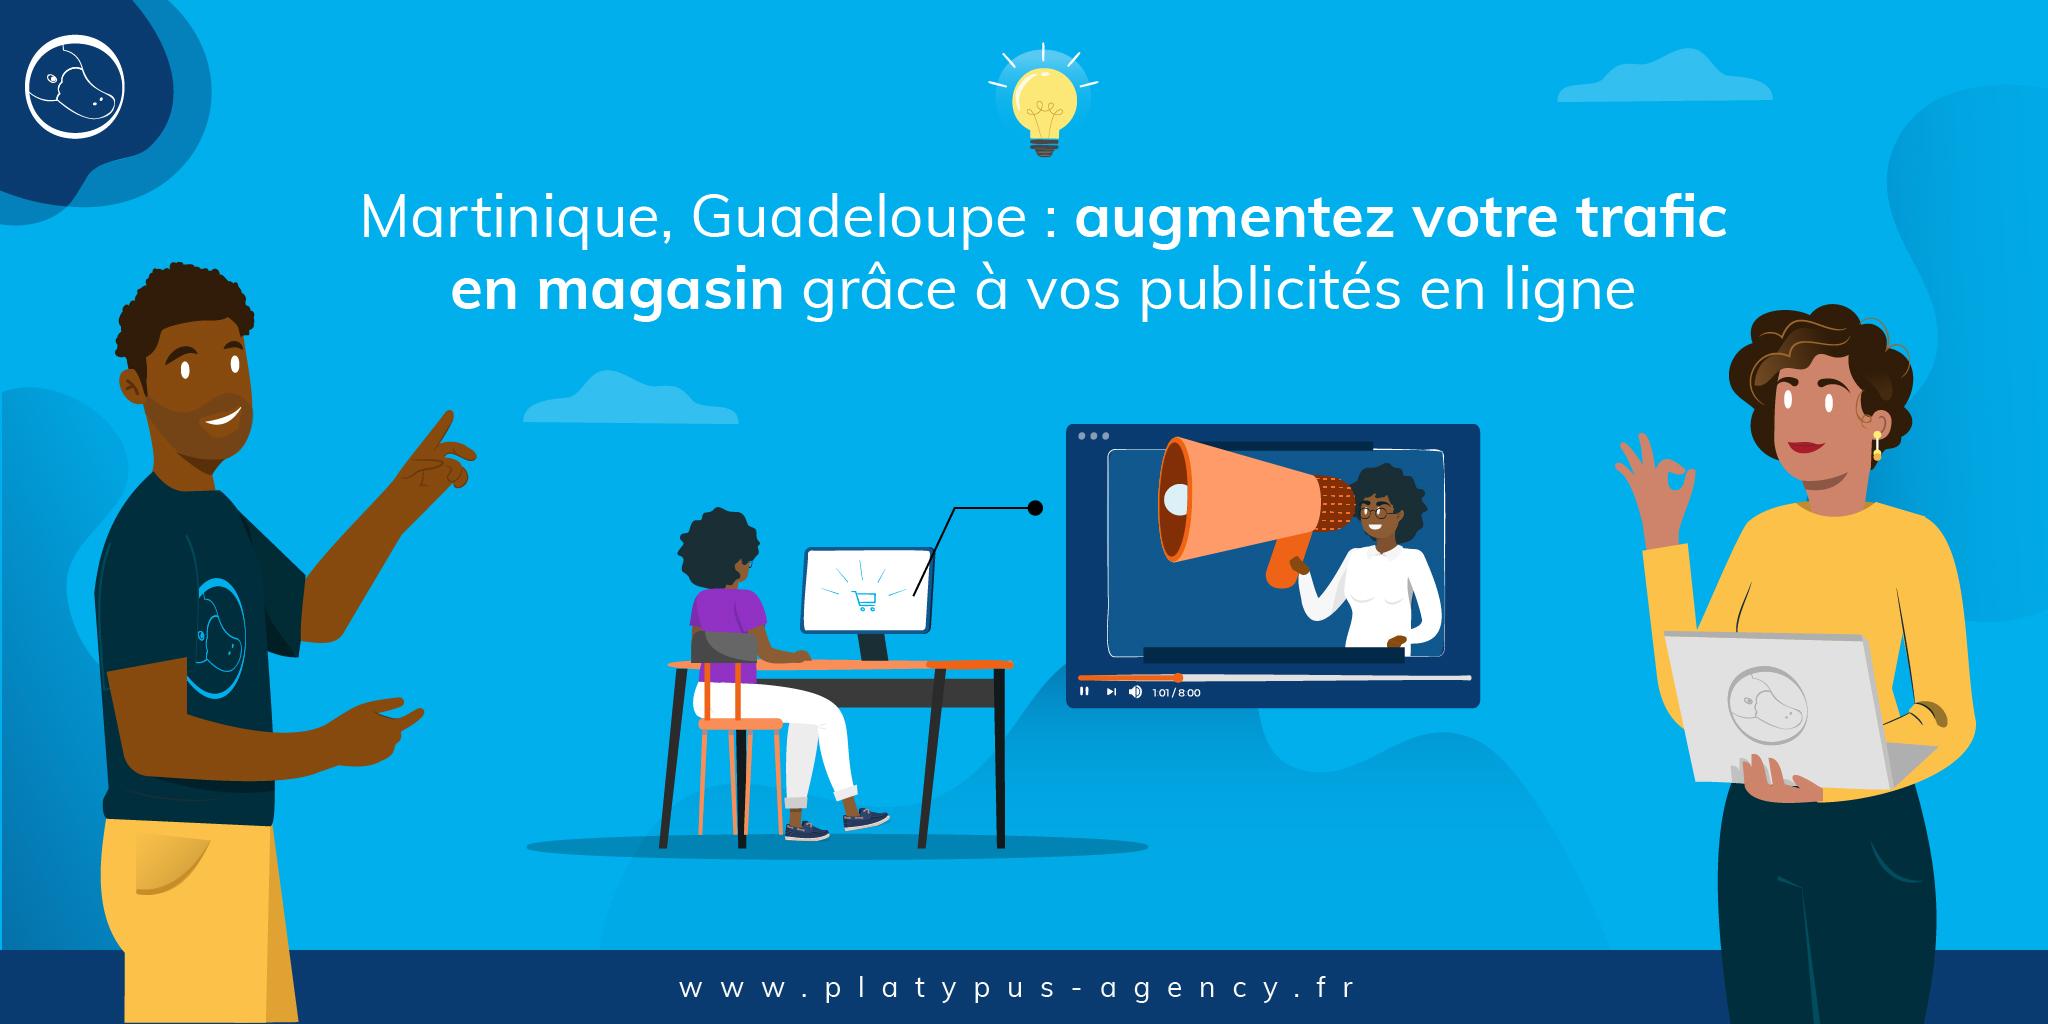 Martinique : attirez des clients en magasin avec la publicité en ligne